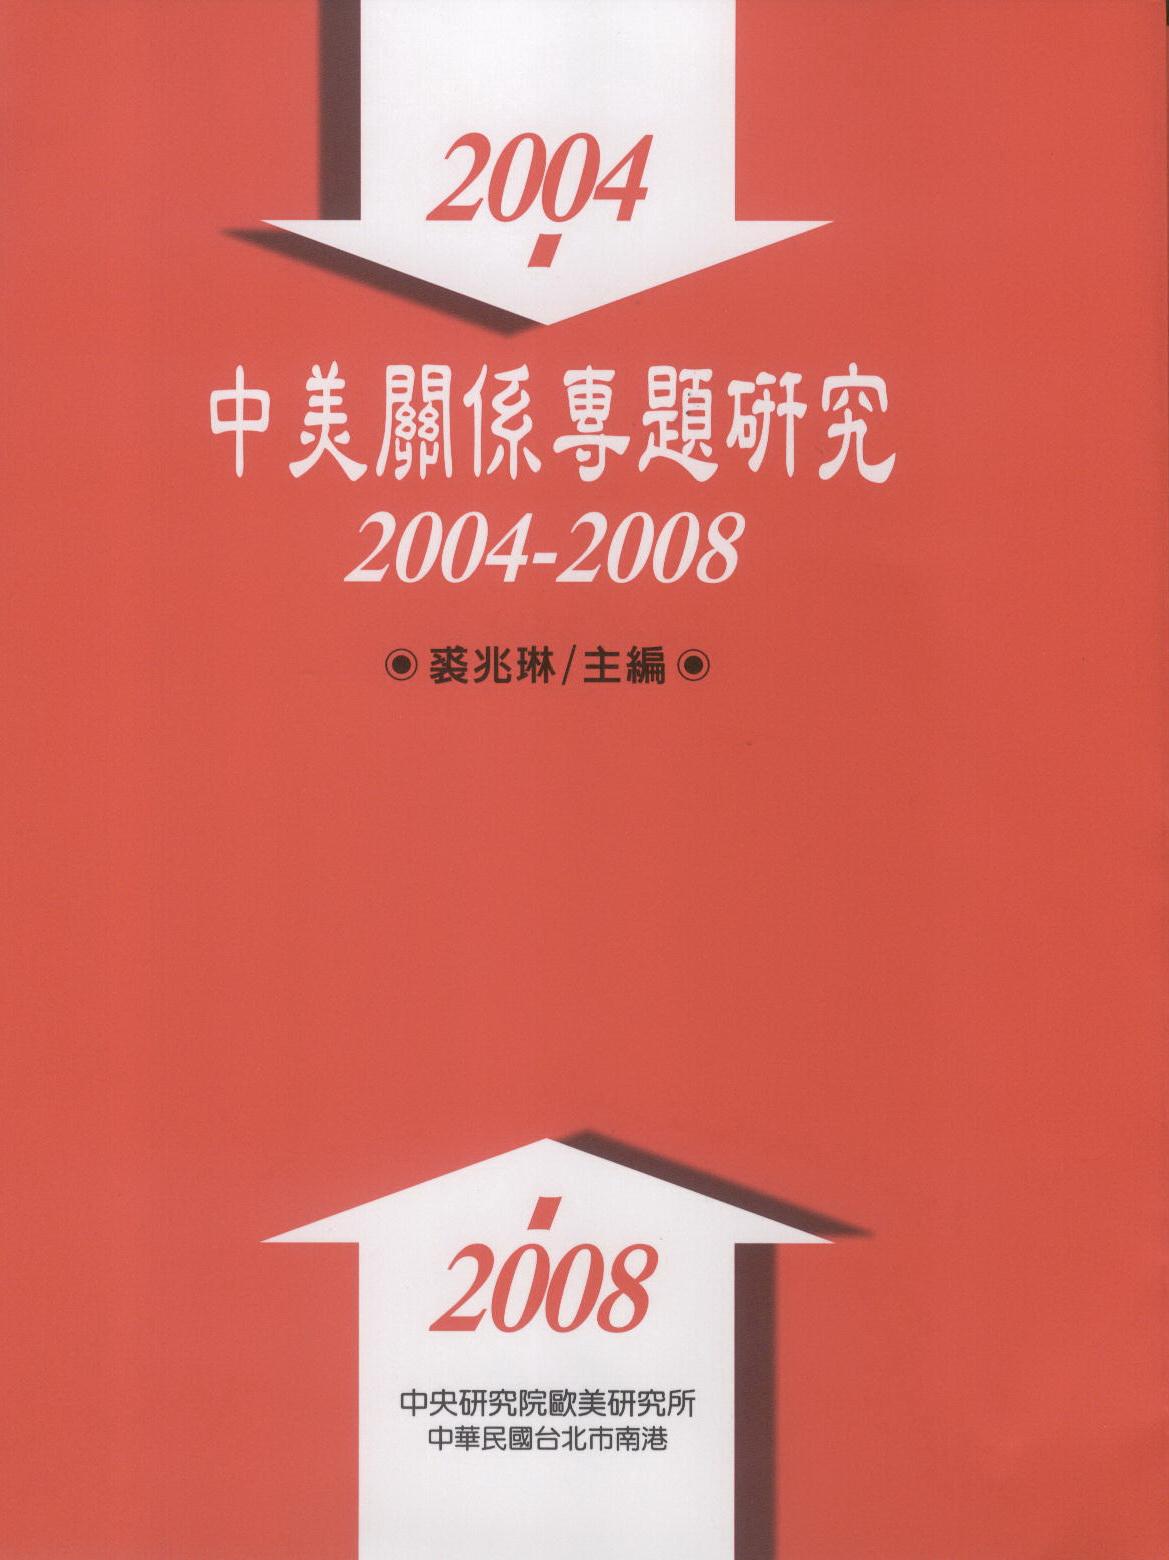 中美關係專題研究:2004-2008 Sino-American Relations, 2004-2008